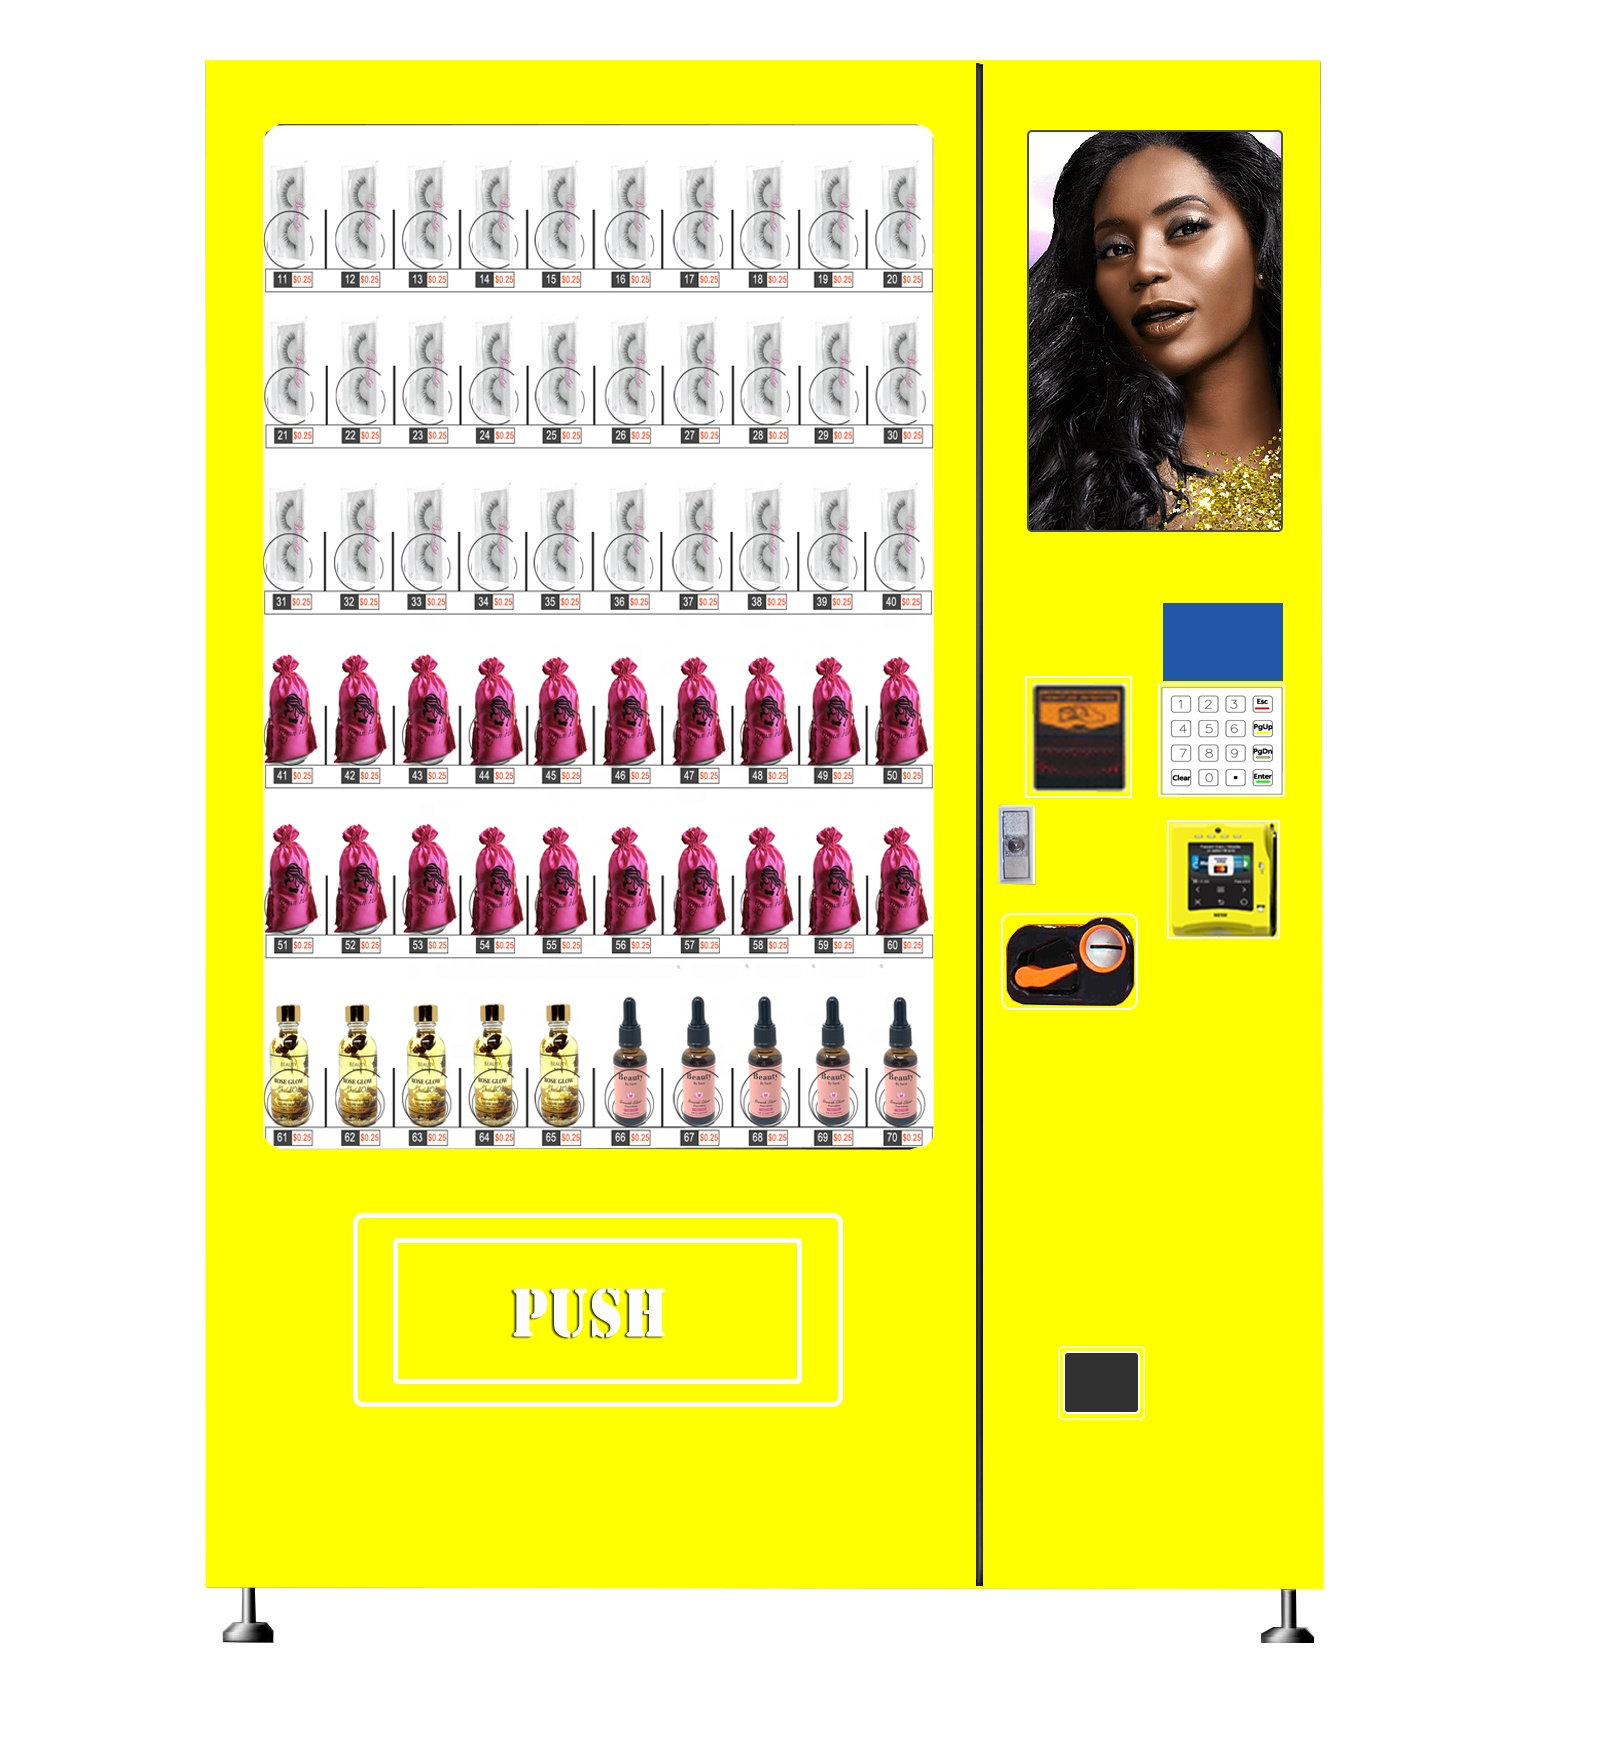 Лидер продаж, торговый автомат для ресниц с бесплатным индивидуальным дизайном